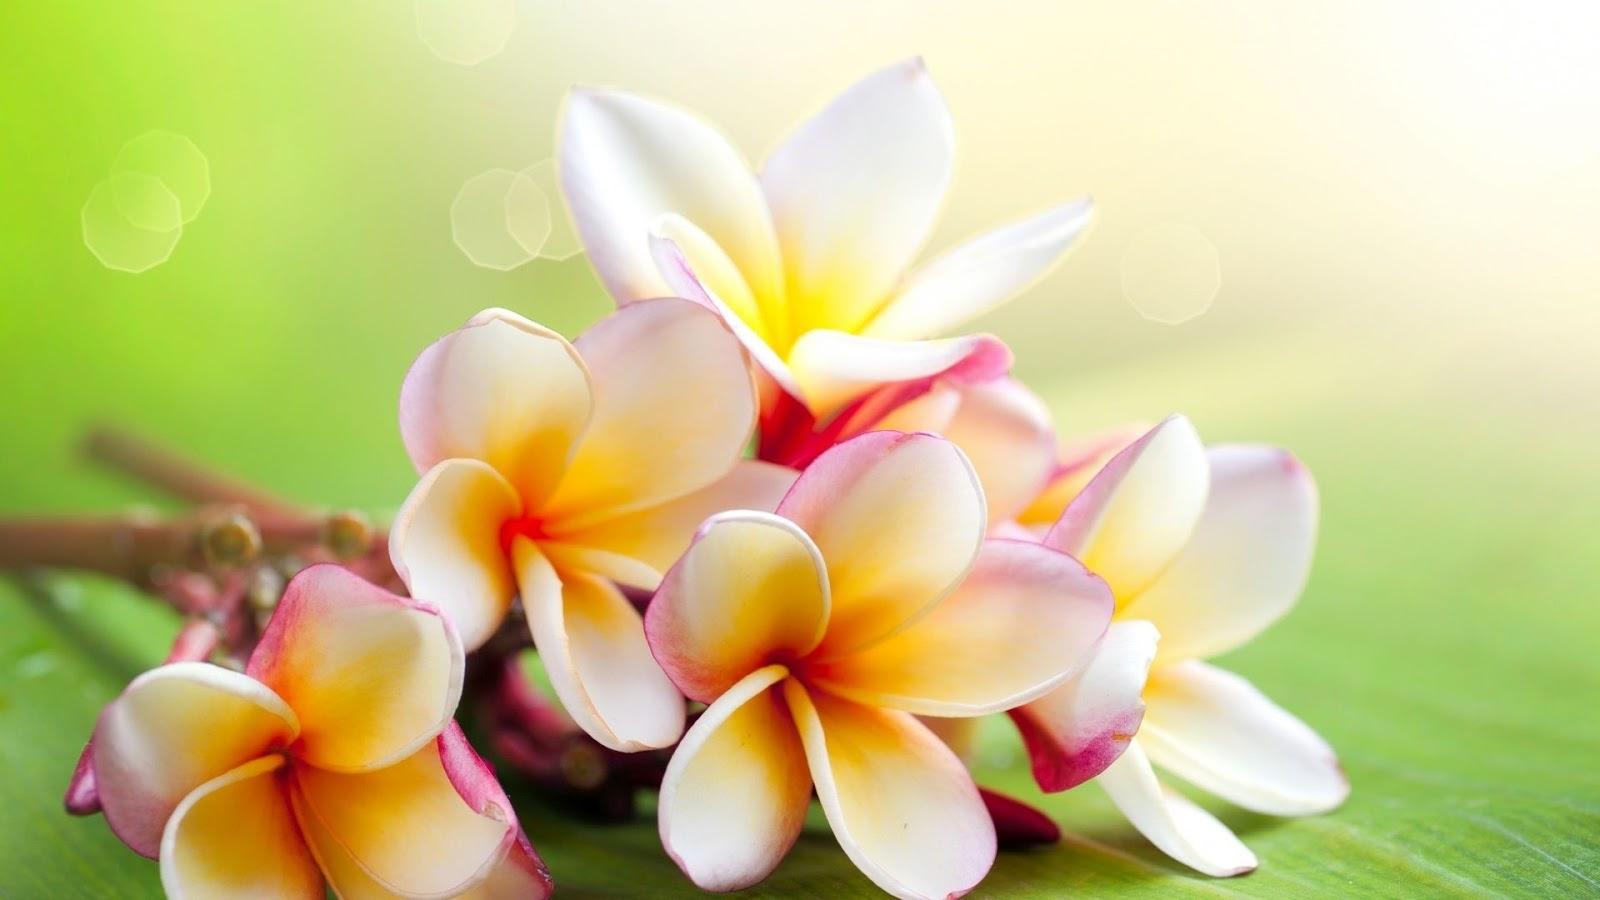 30 Fakta Menarik Bunga Melati Untuk Menambah Wawasan SEGALA FAKTA